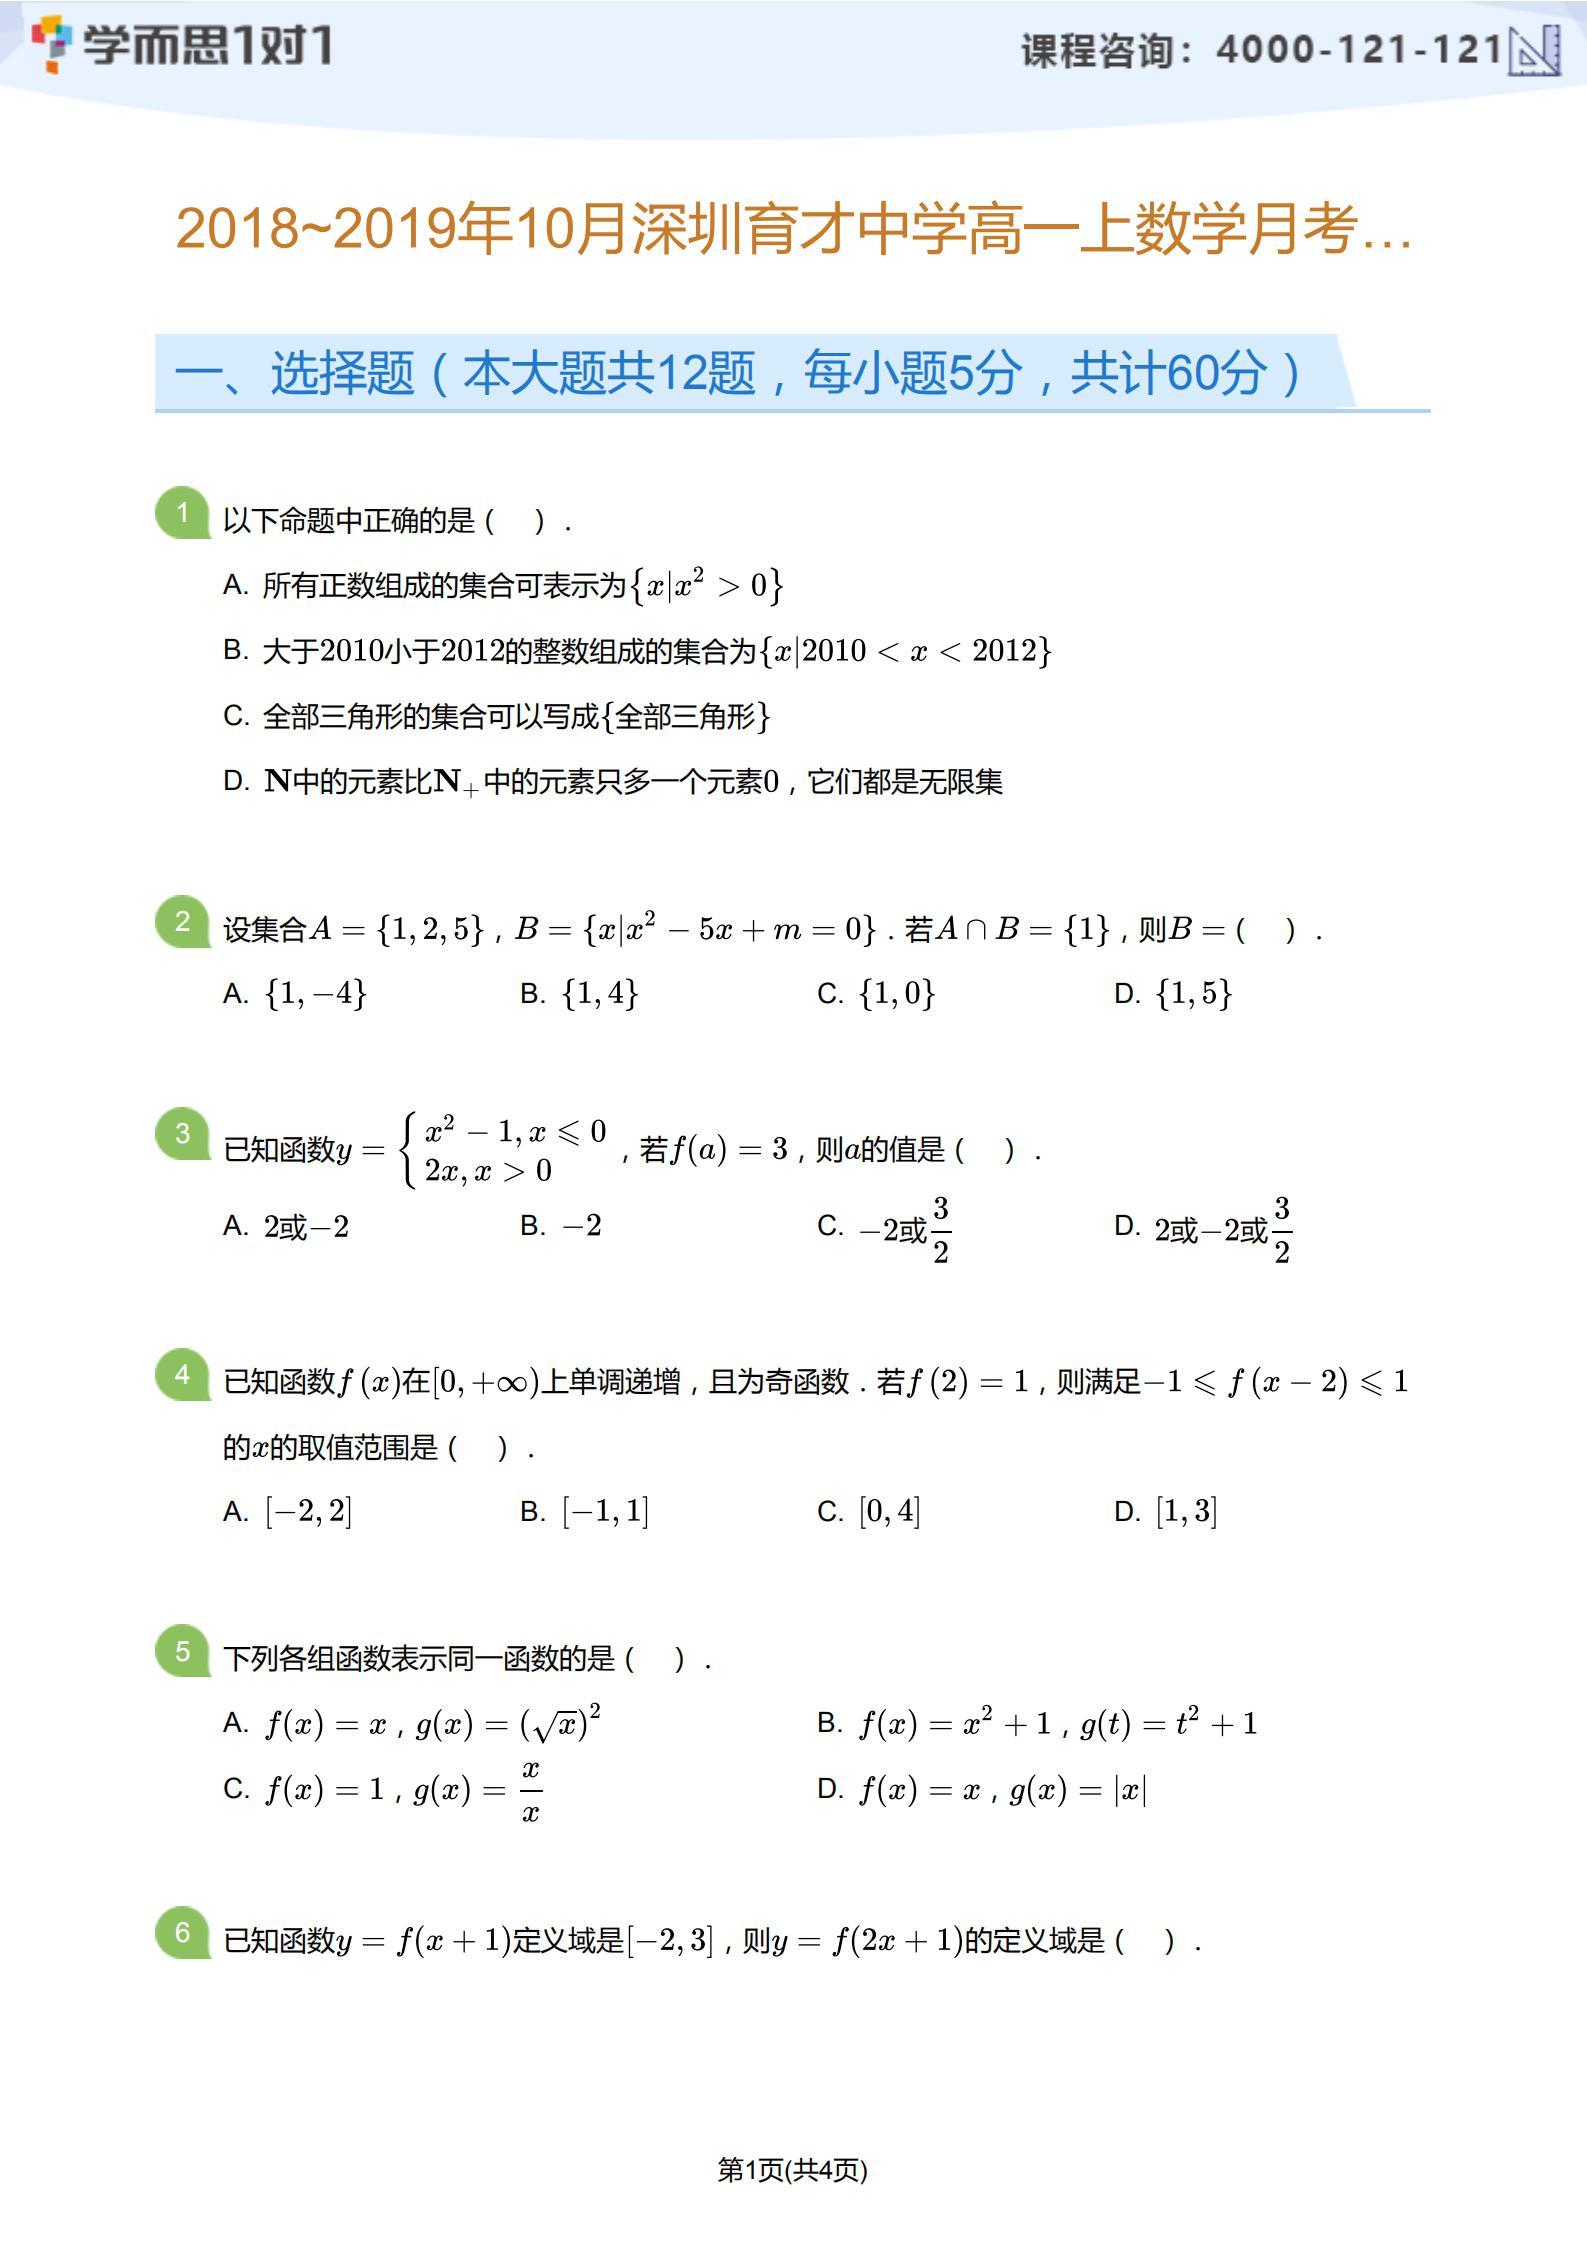 2018-2019学年10月深圳育才中学高一上月考数学试卷及答案